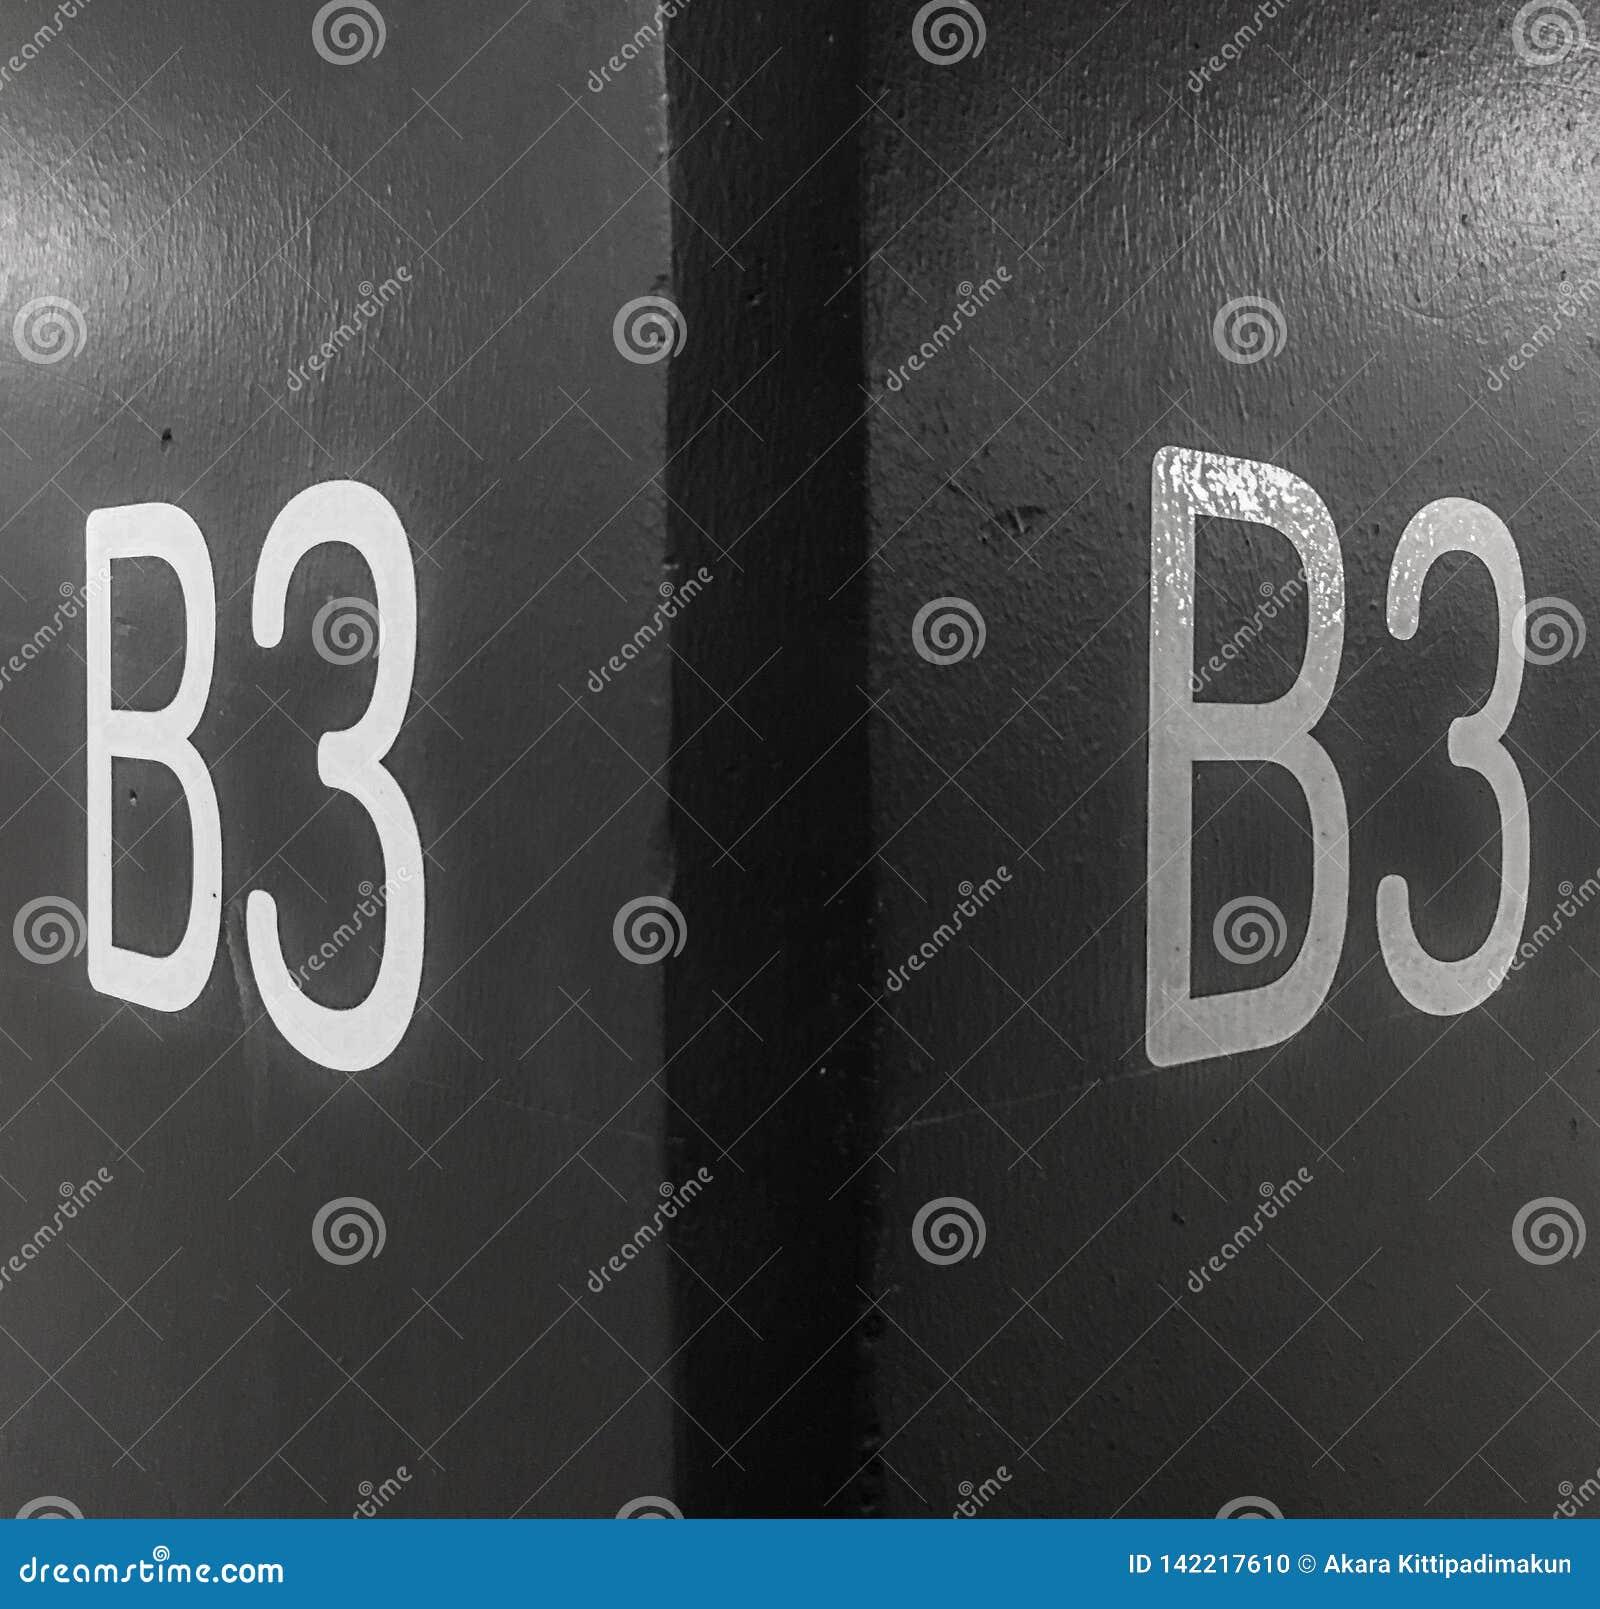 Άσπροι επιστολές και αριθμοί σε έναν μαύρο συγκεκριμένο τοίχο υποβάθρου